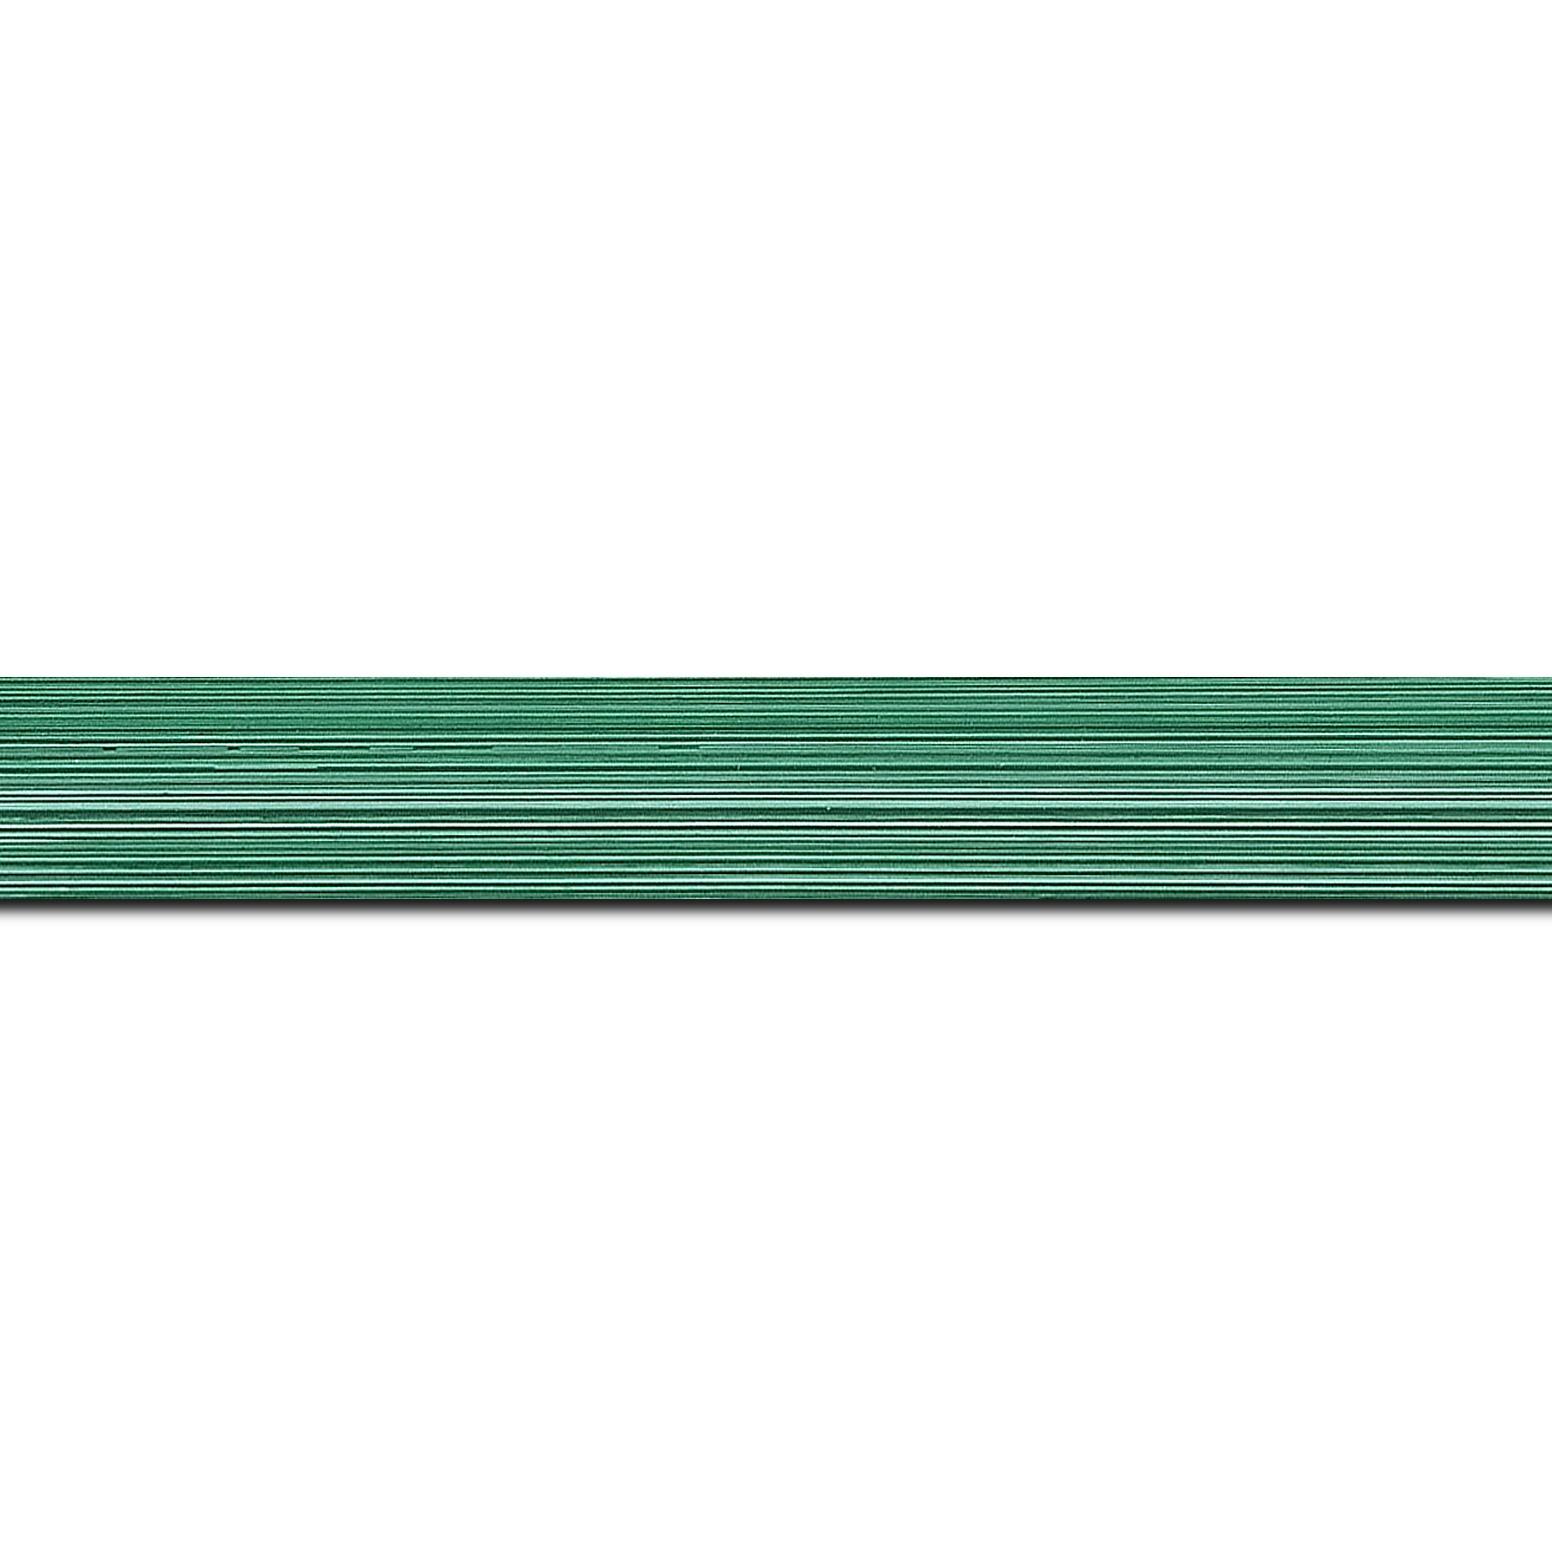 Baguette longueur 1.40m bois profil concave largeur 2.4cm couleur vert tropical effet matière fond blanc